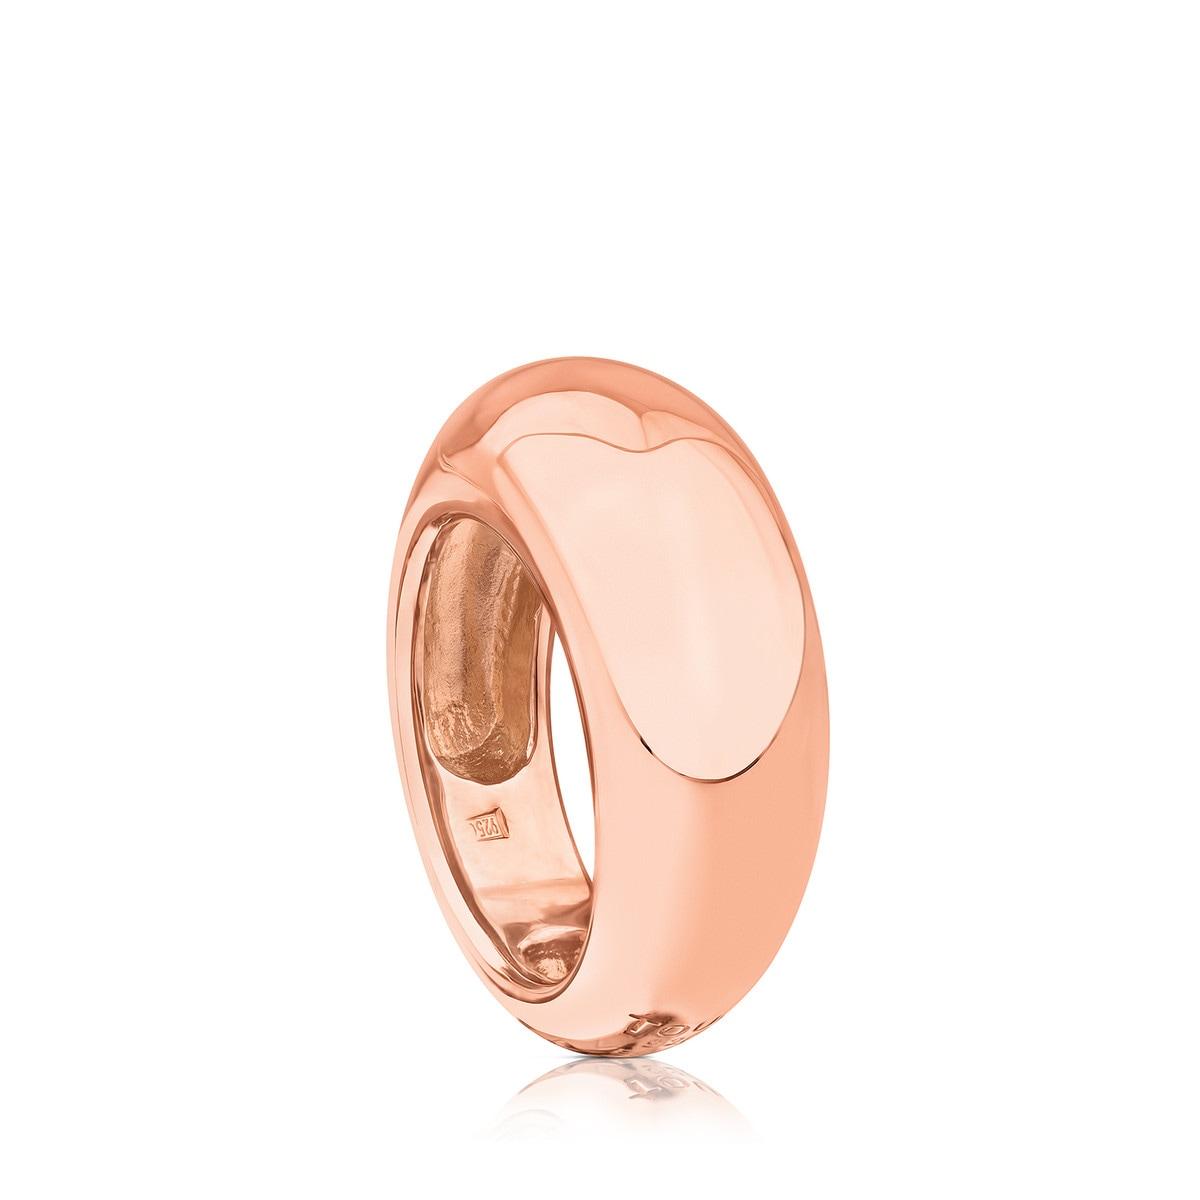 95d86f3d4ac5 Anillo Warm de Plata Vermeil rosa - Tous Site MX